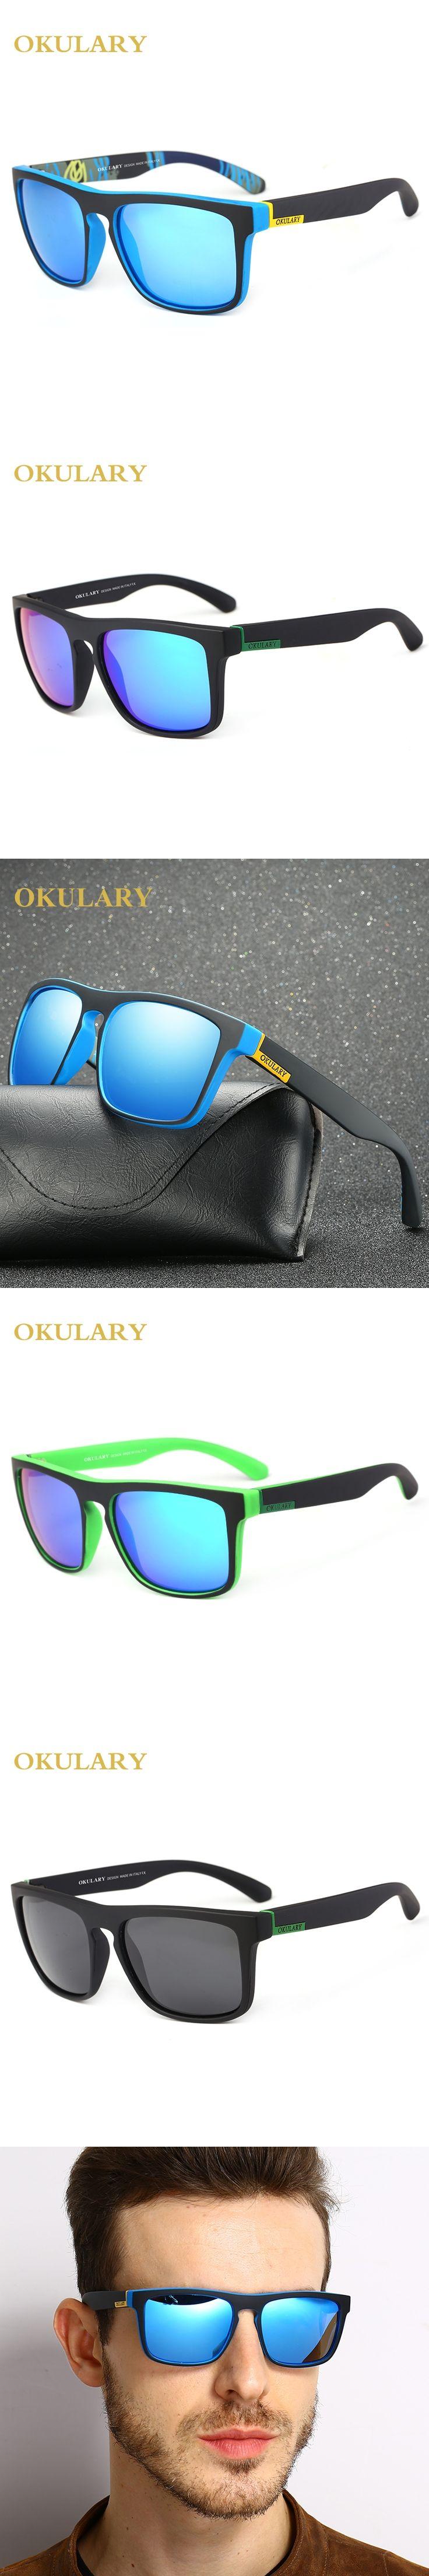 OKULARY Polarized Sunglasses For men Driving Fashion Brand designer Women Square Mirror COOL Sun Glasses Male Accessories 2017